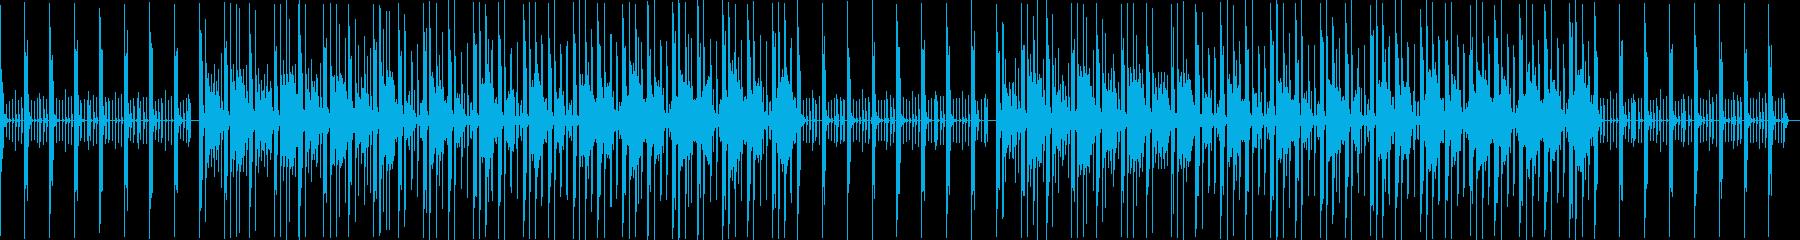 クール・スタイリッシュなBGM・2の再生済みの波形